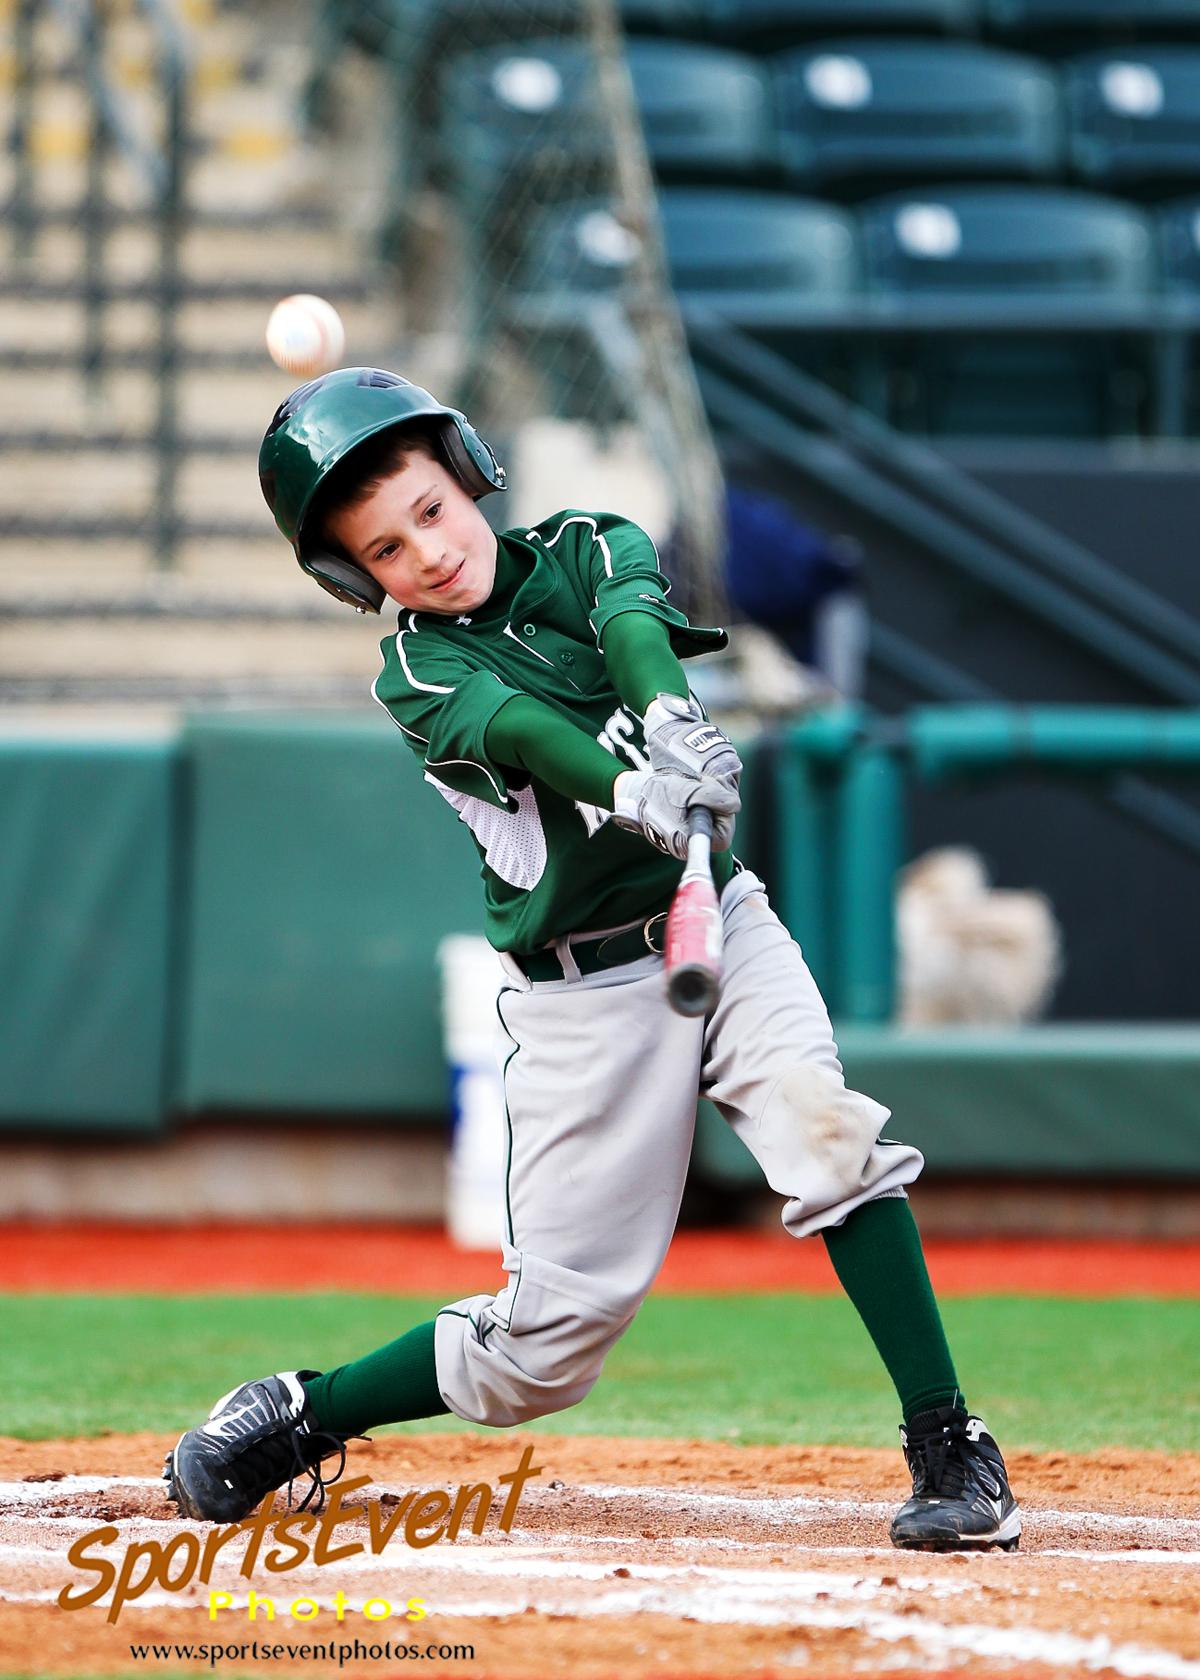 sportseventphotos-baseball-4